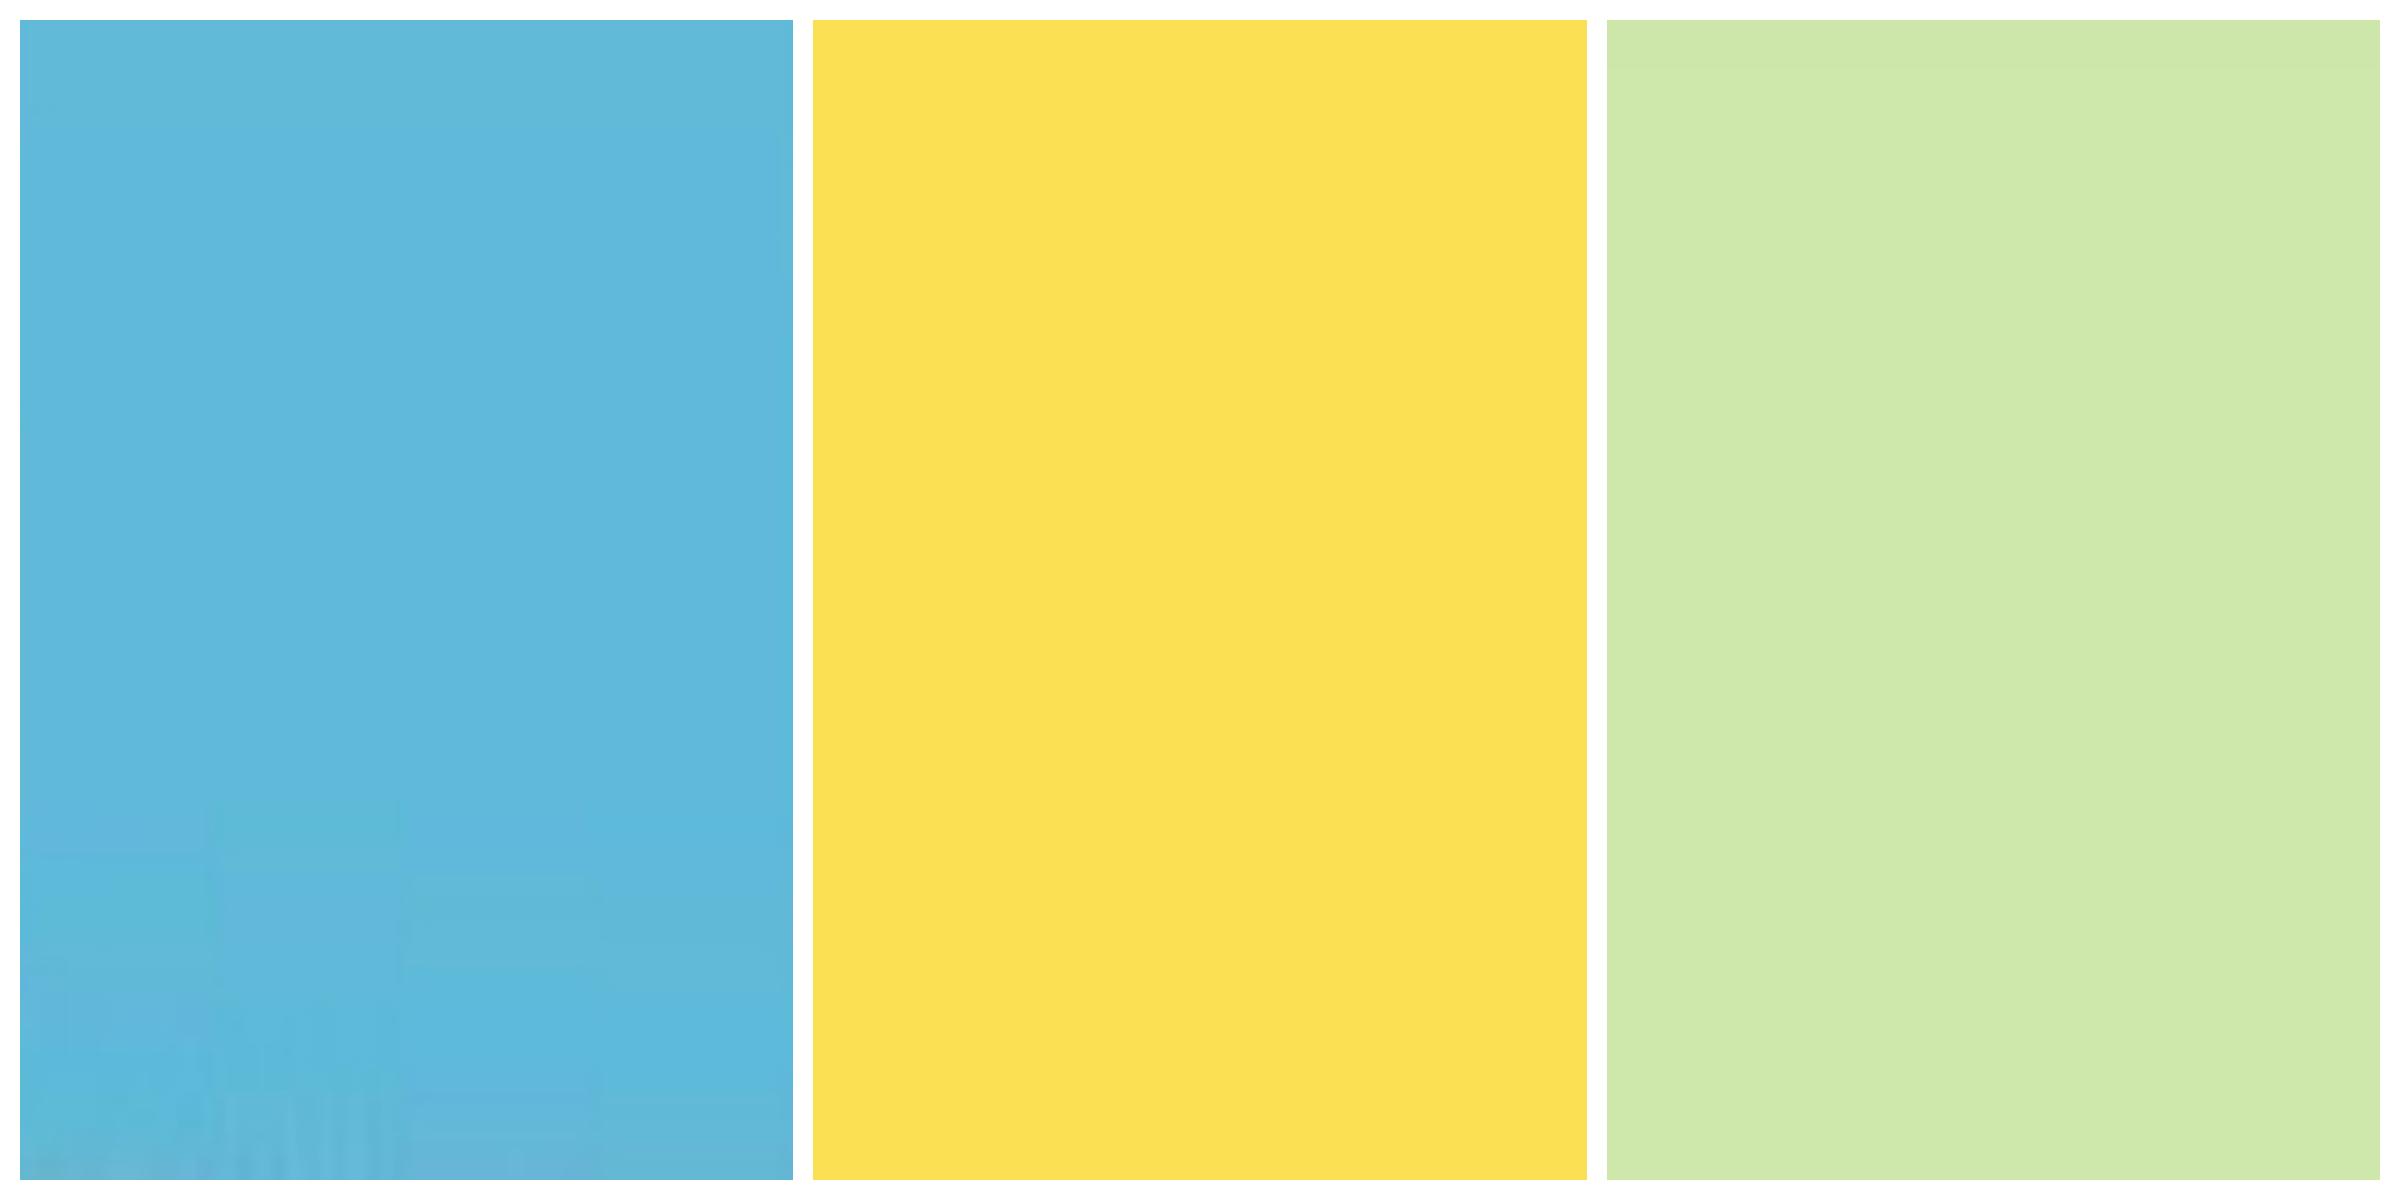 paint colors: our picks